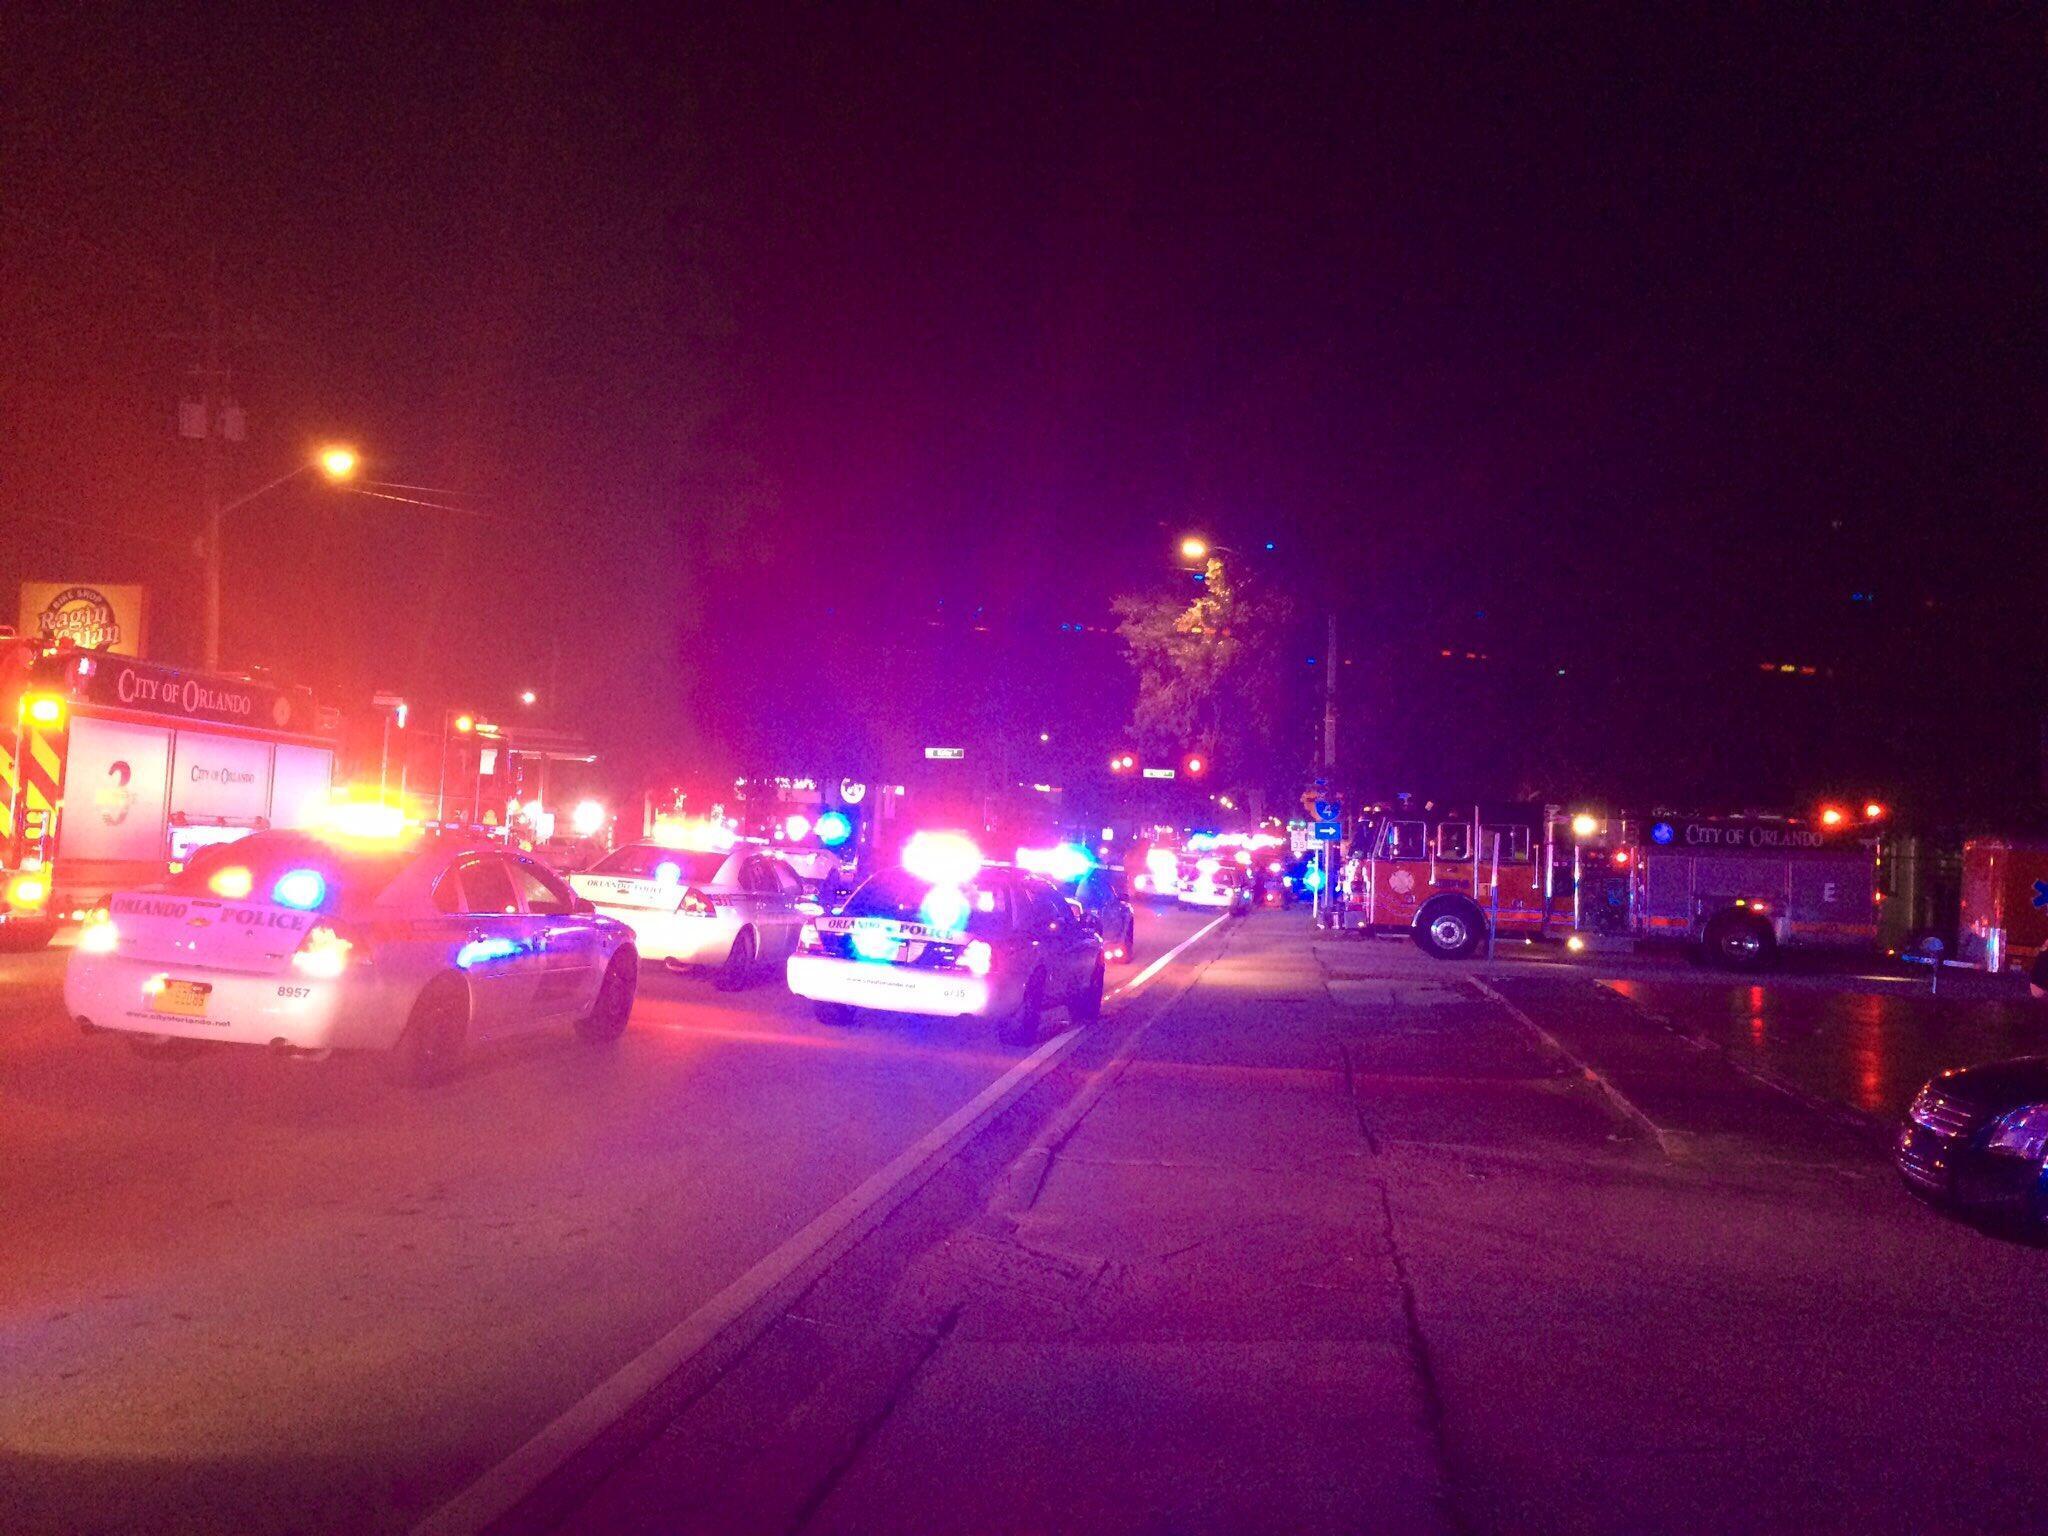 Полиция недалеко от ночного клуба в Орландо, где произошла стрельба, 12 июня 2016 г.